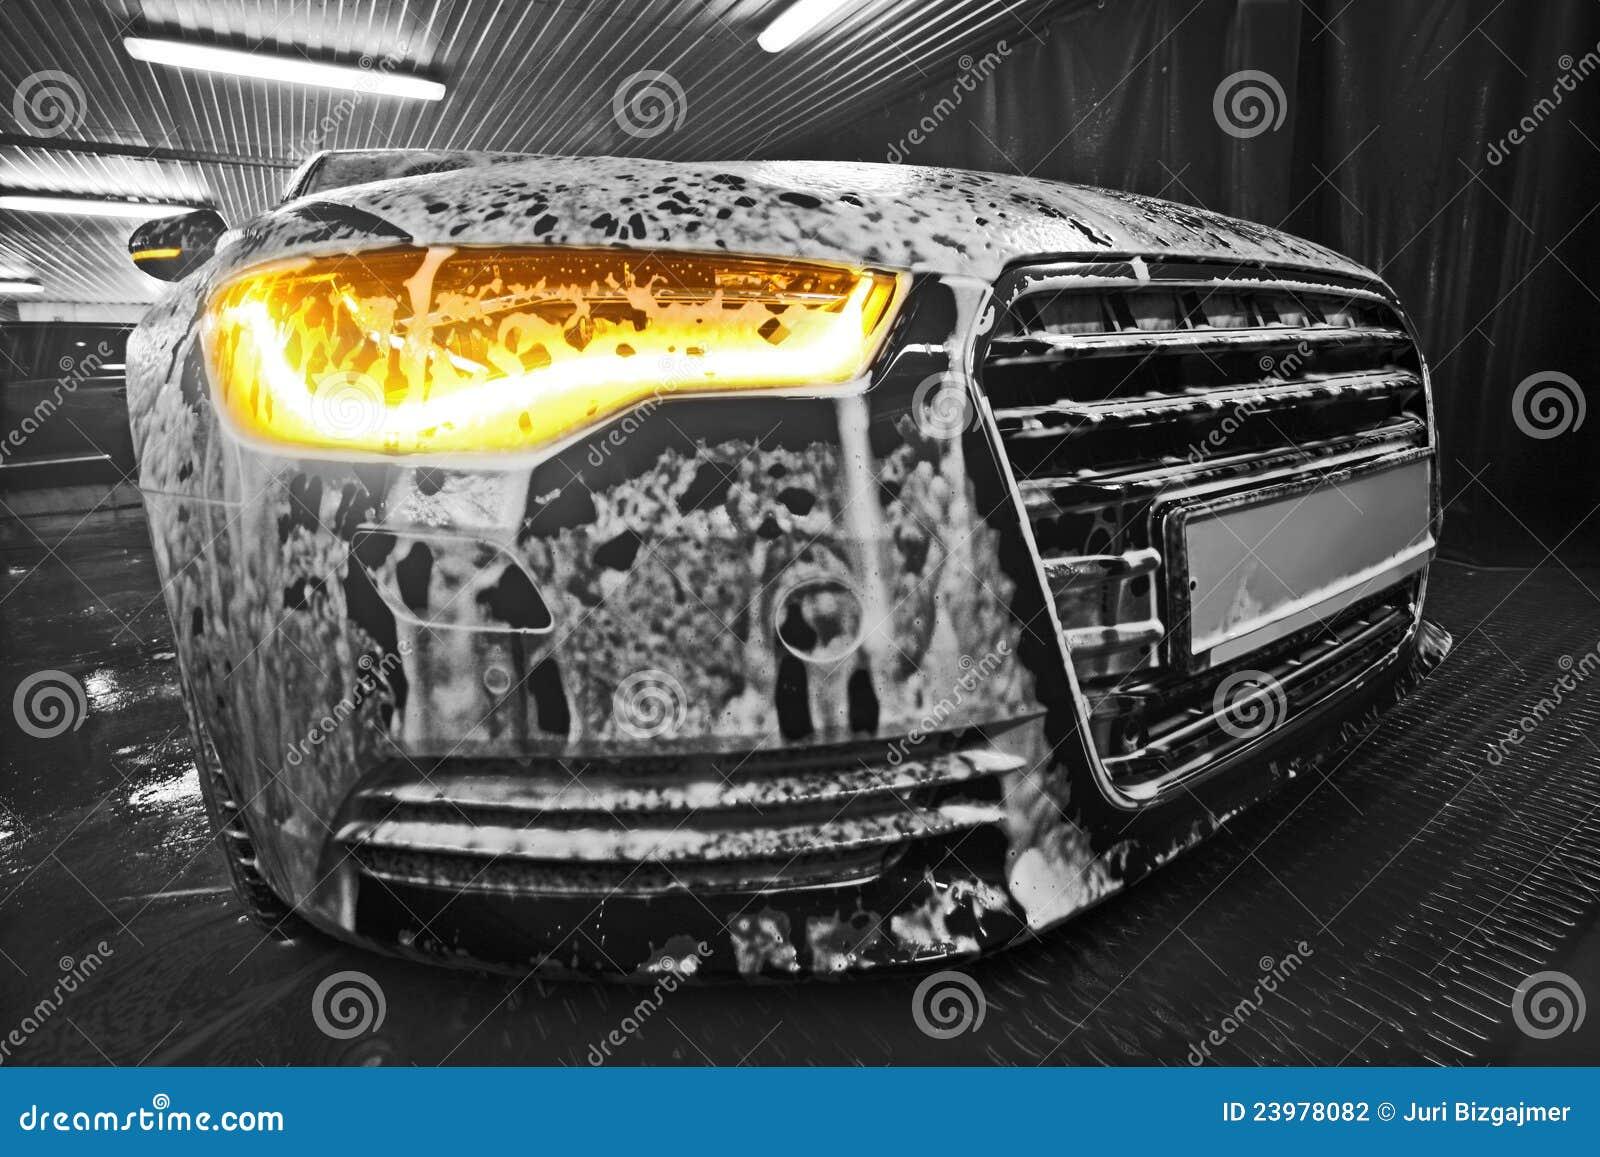 Auto im Schaumgummi auf Wanne